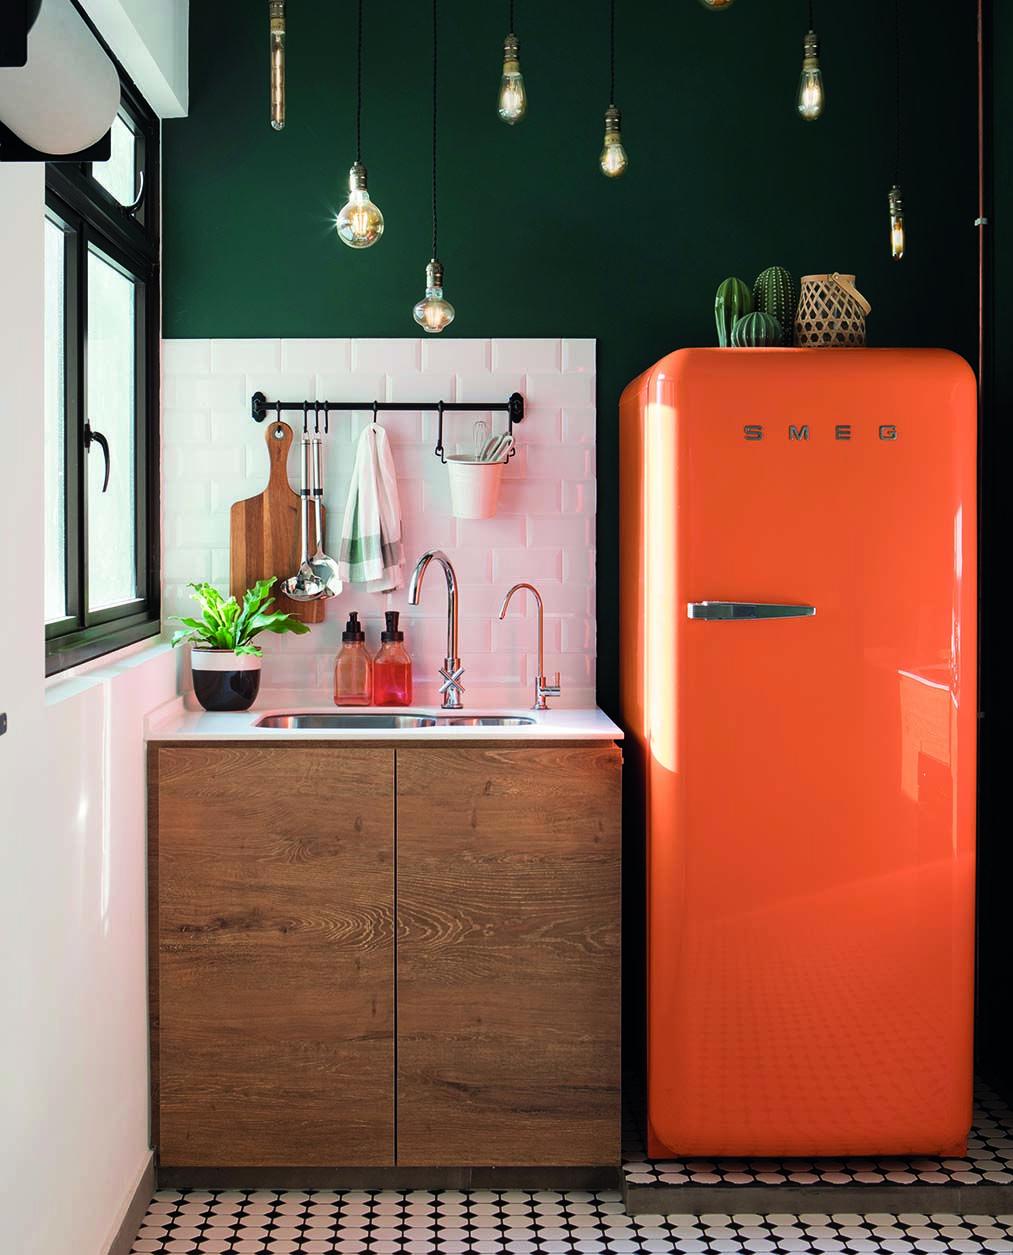 Threeroom HDB apartment Design Fuse Concept Apartment